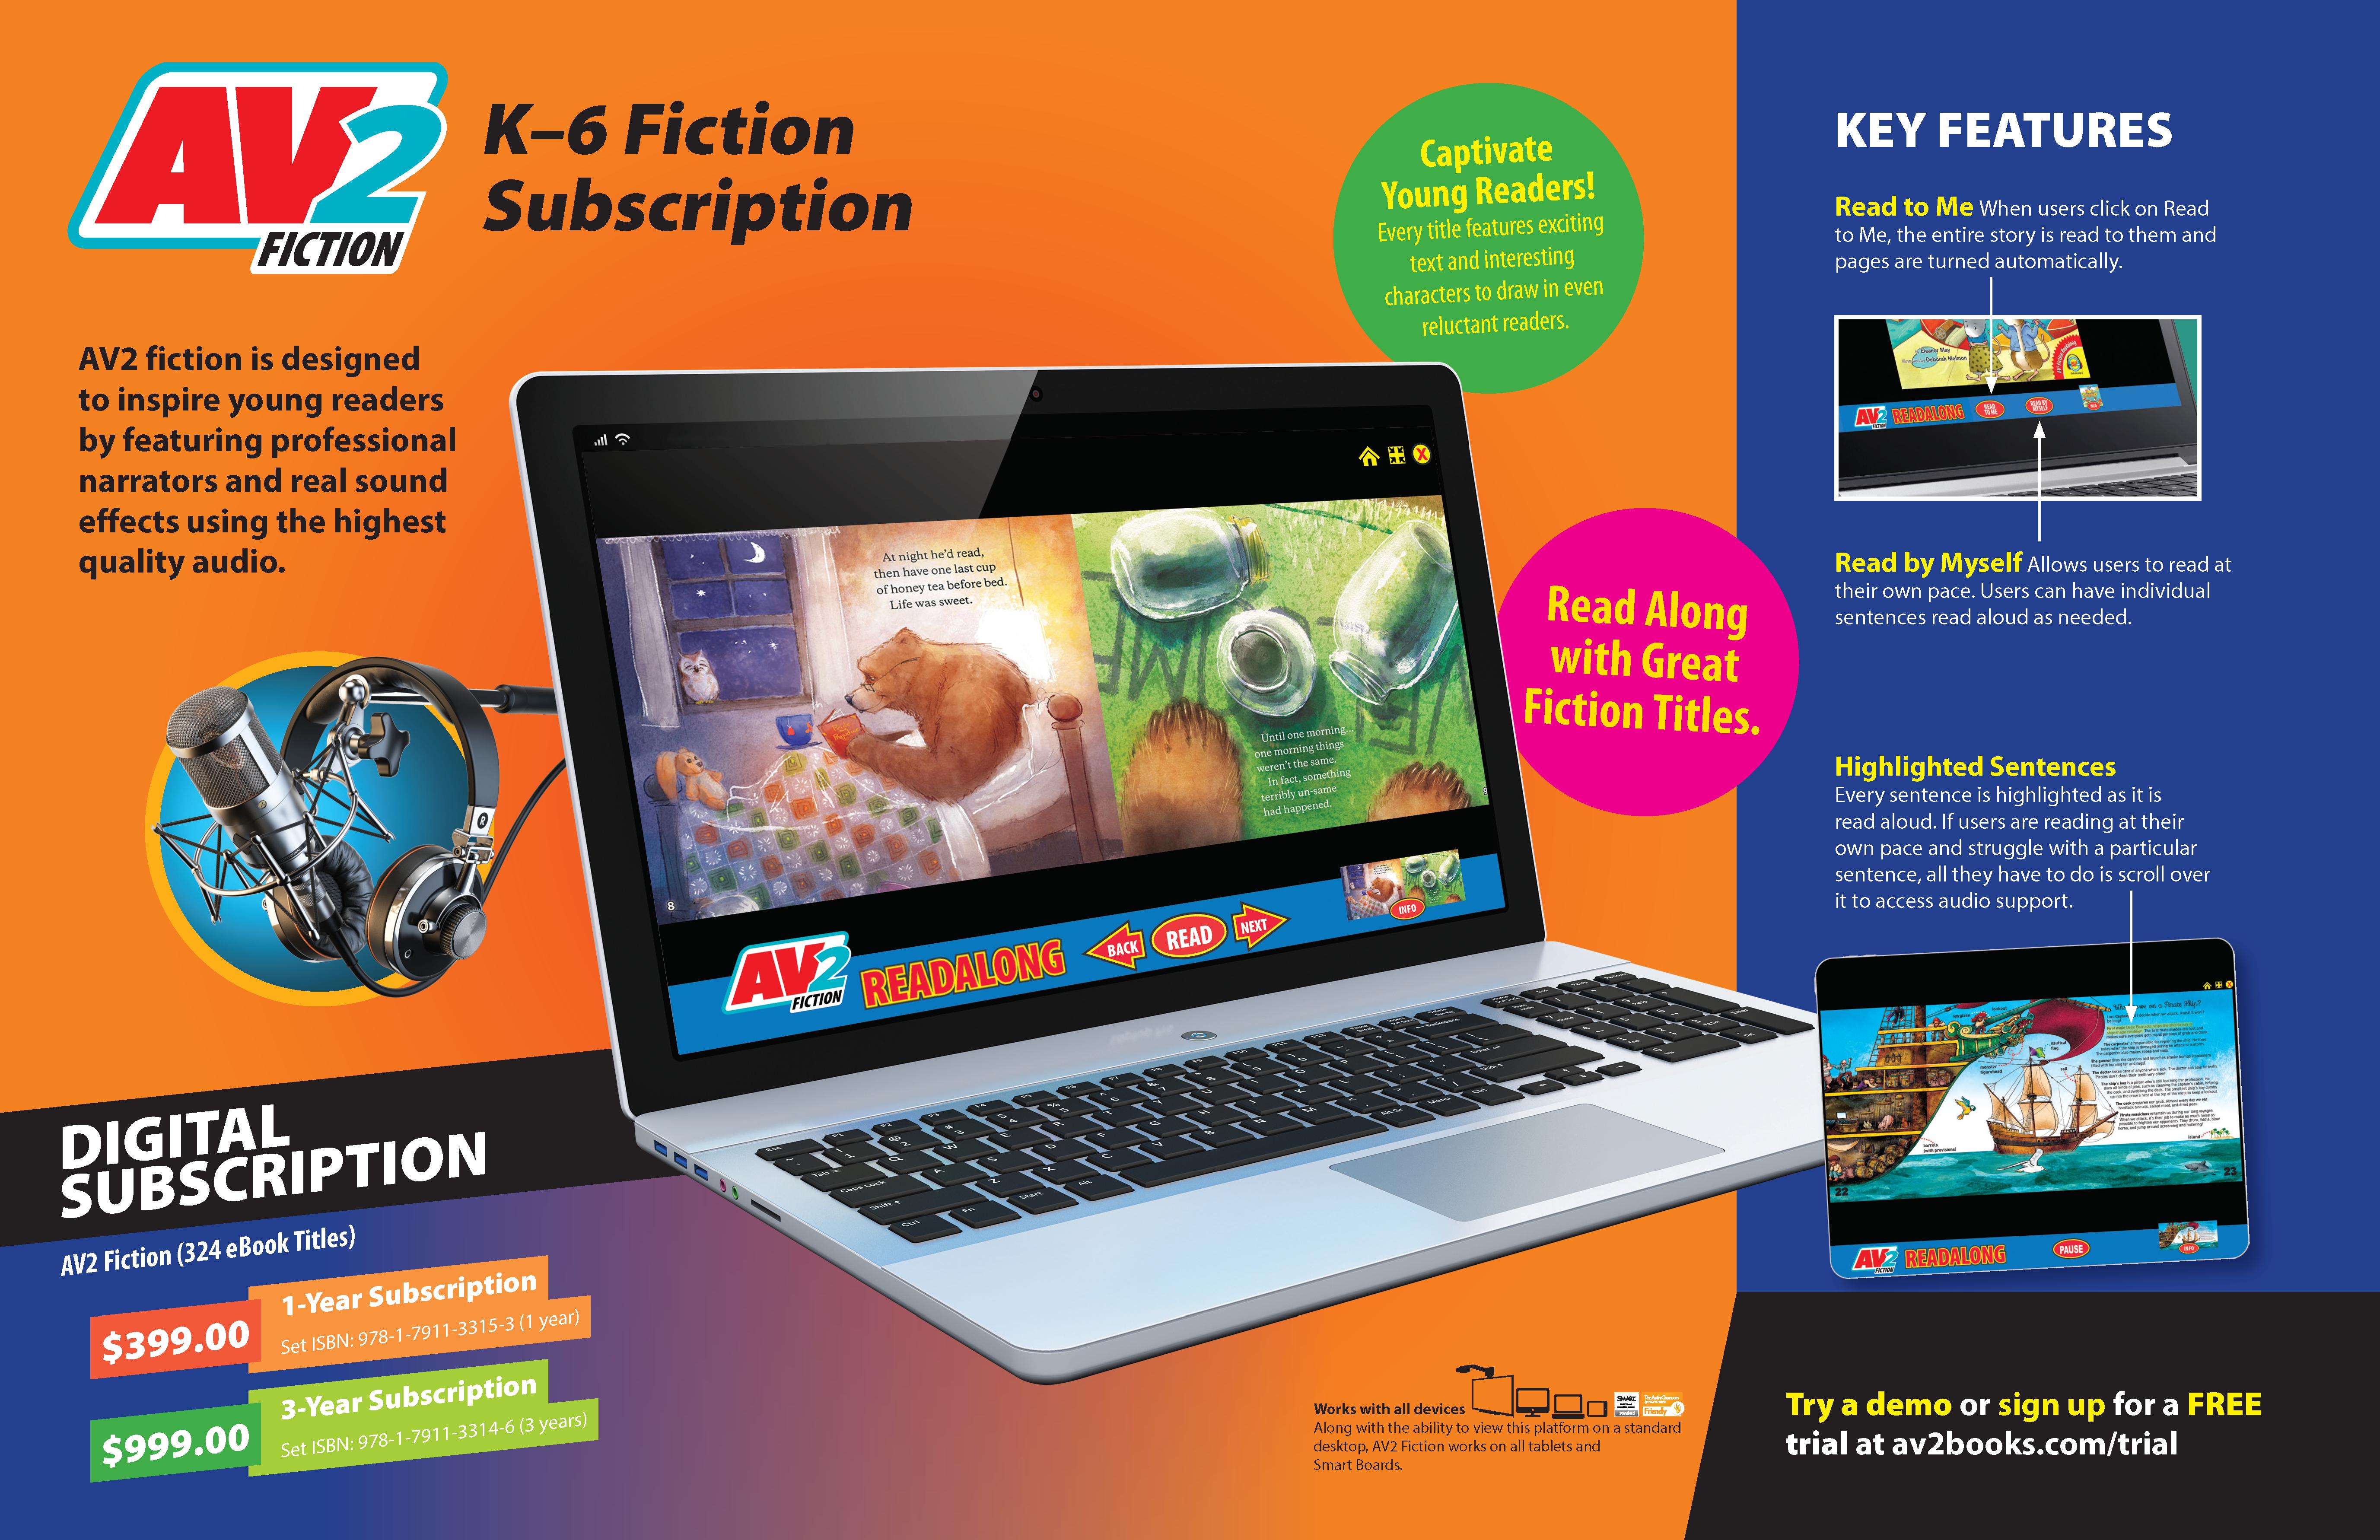 2021 AV2 Fiction Subscription